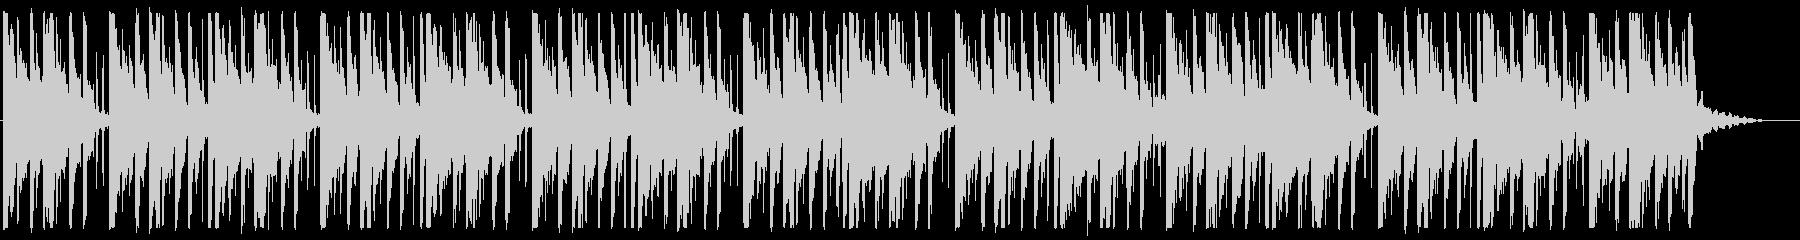 寂しい/ピアノ/R&B_No489_4の未再生の波形